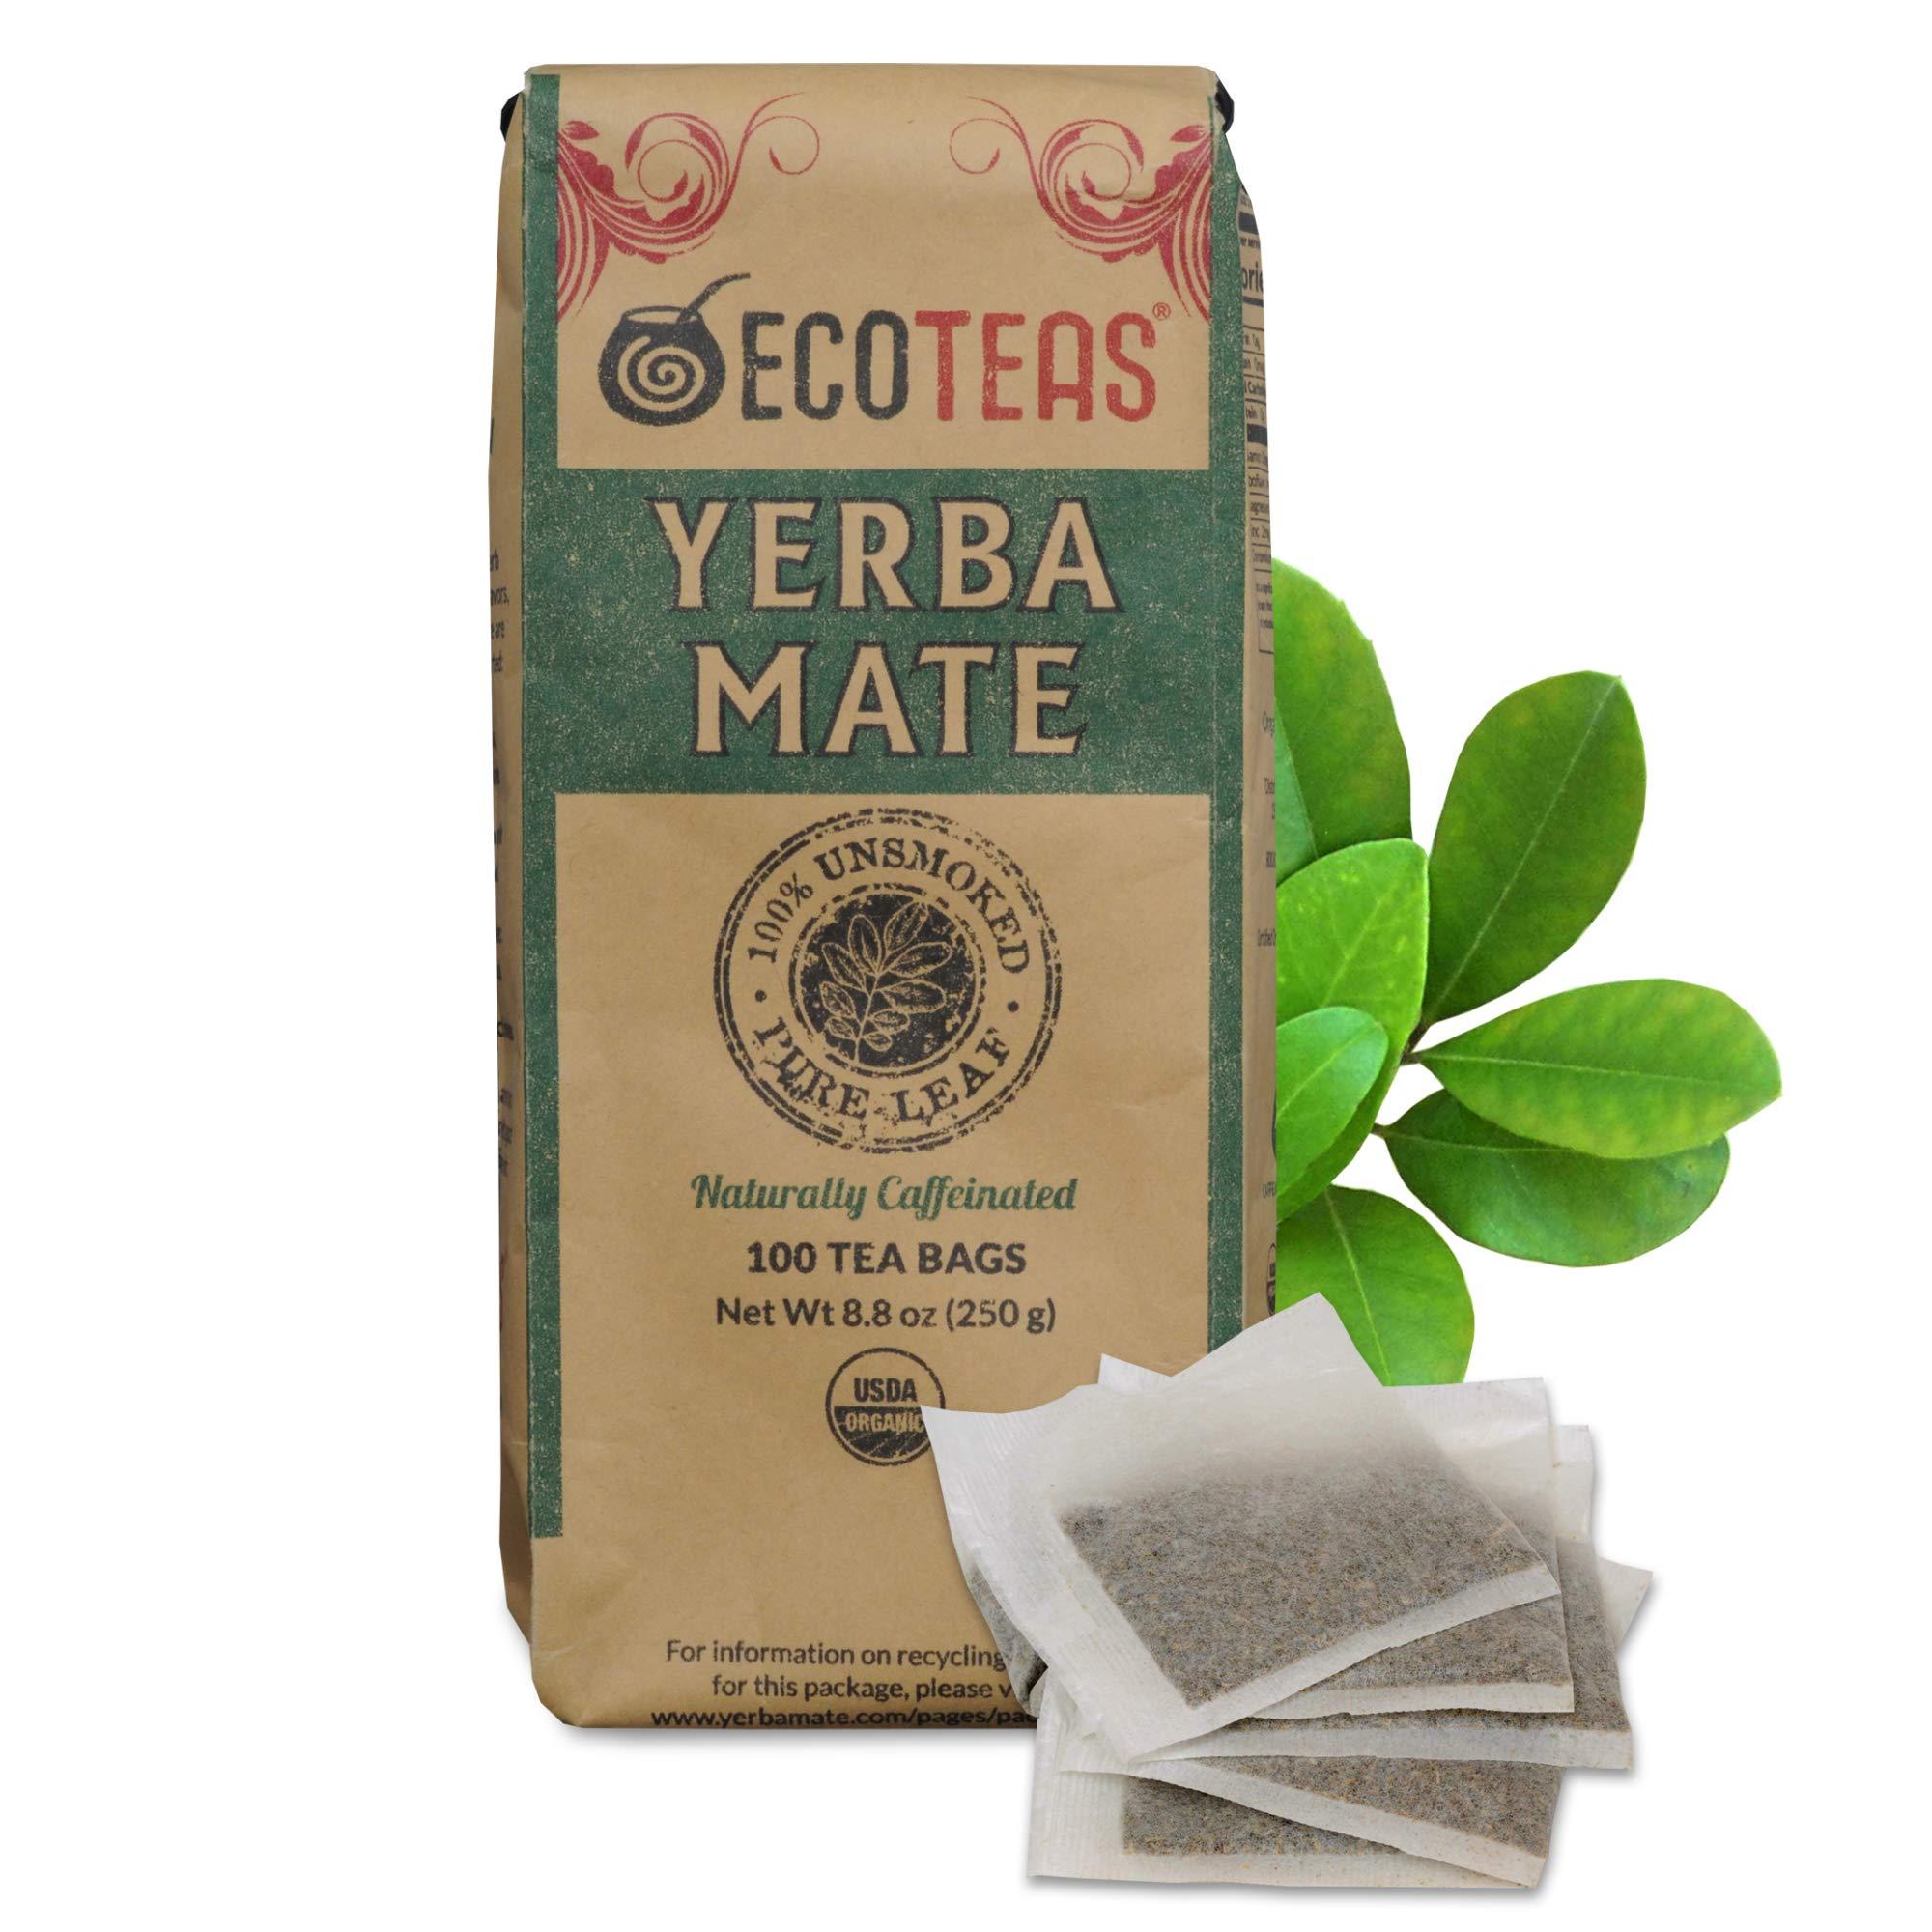 ECOTEAS - Unsmoked Yerba Mate Tea - Yerba Mate Tea Bags - Yerba Mate Tea - Detox Tea - Hi Caf